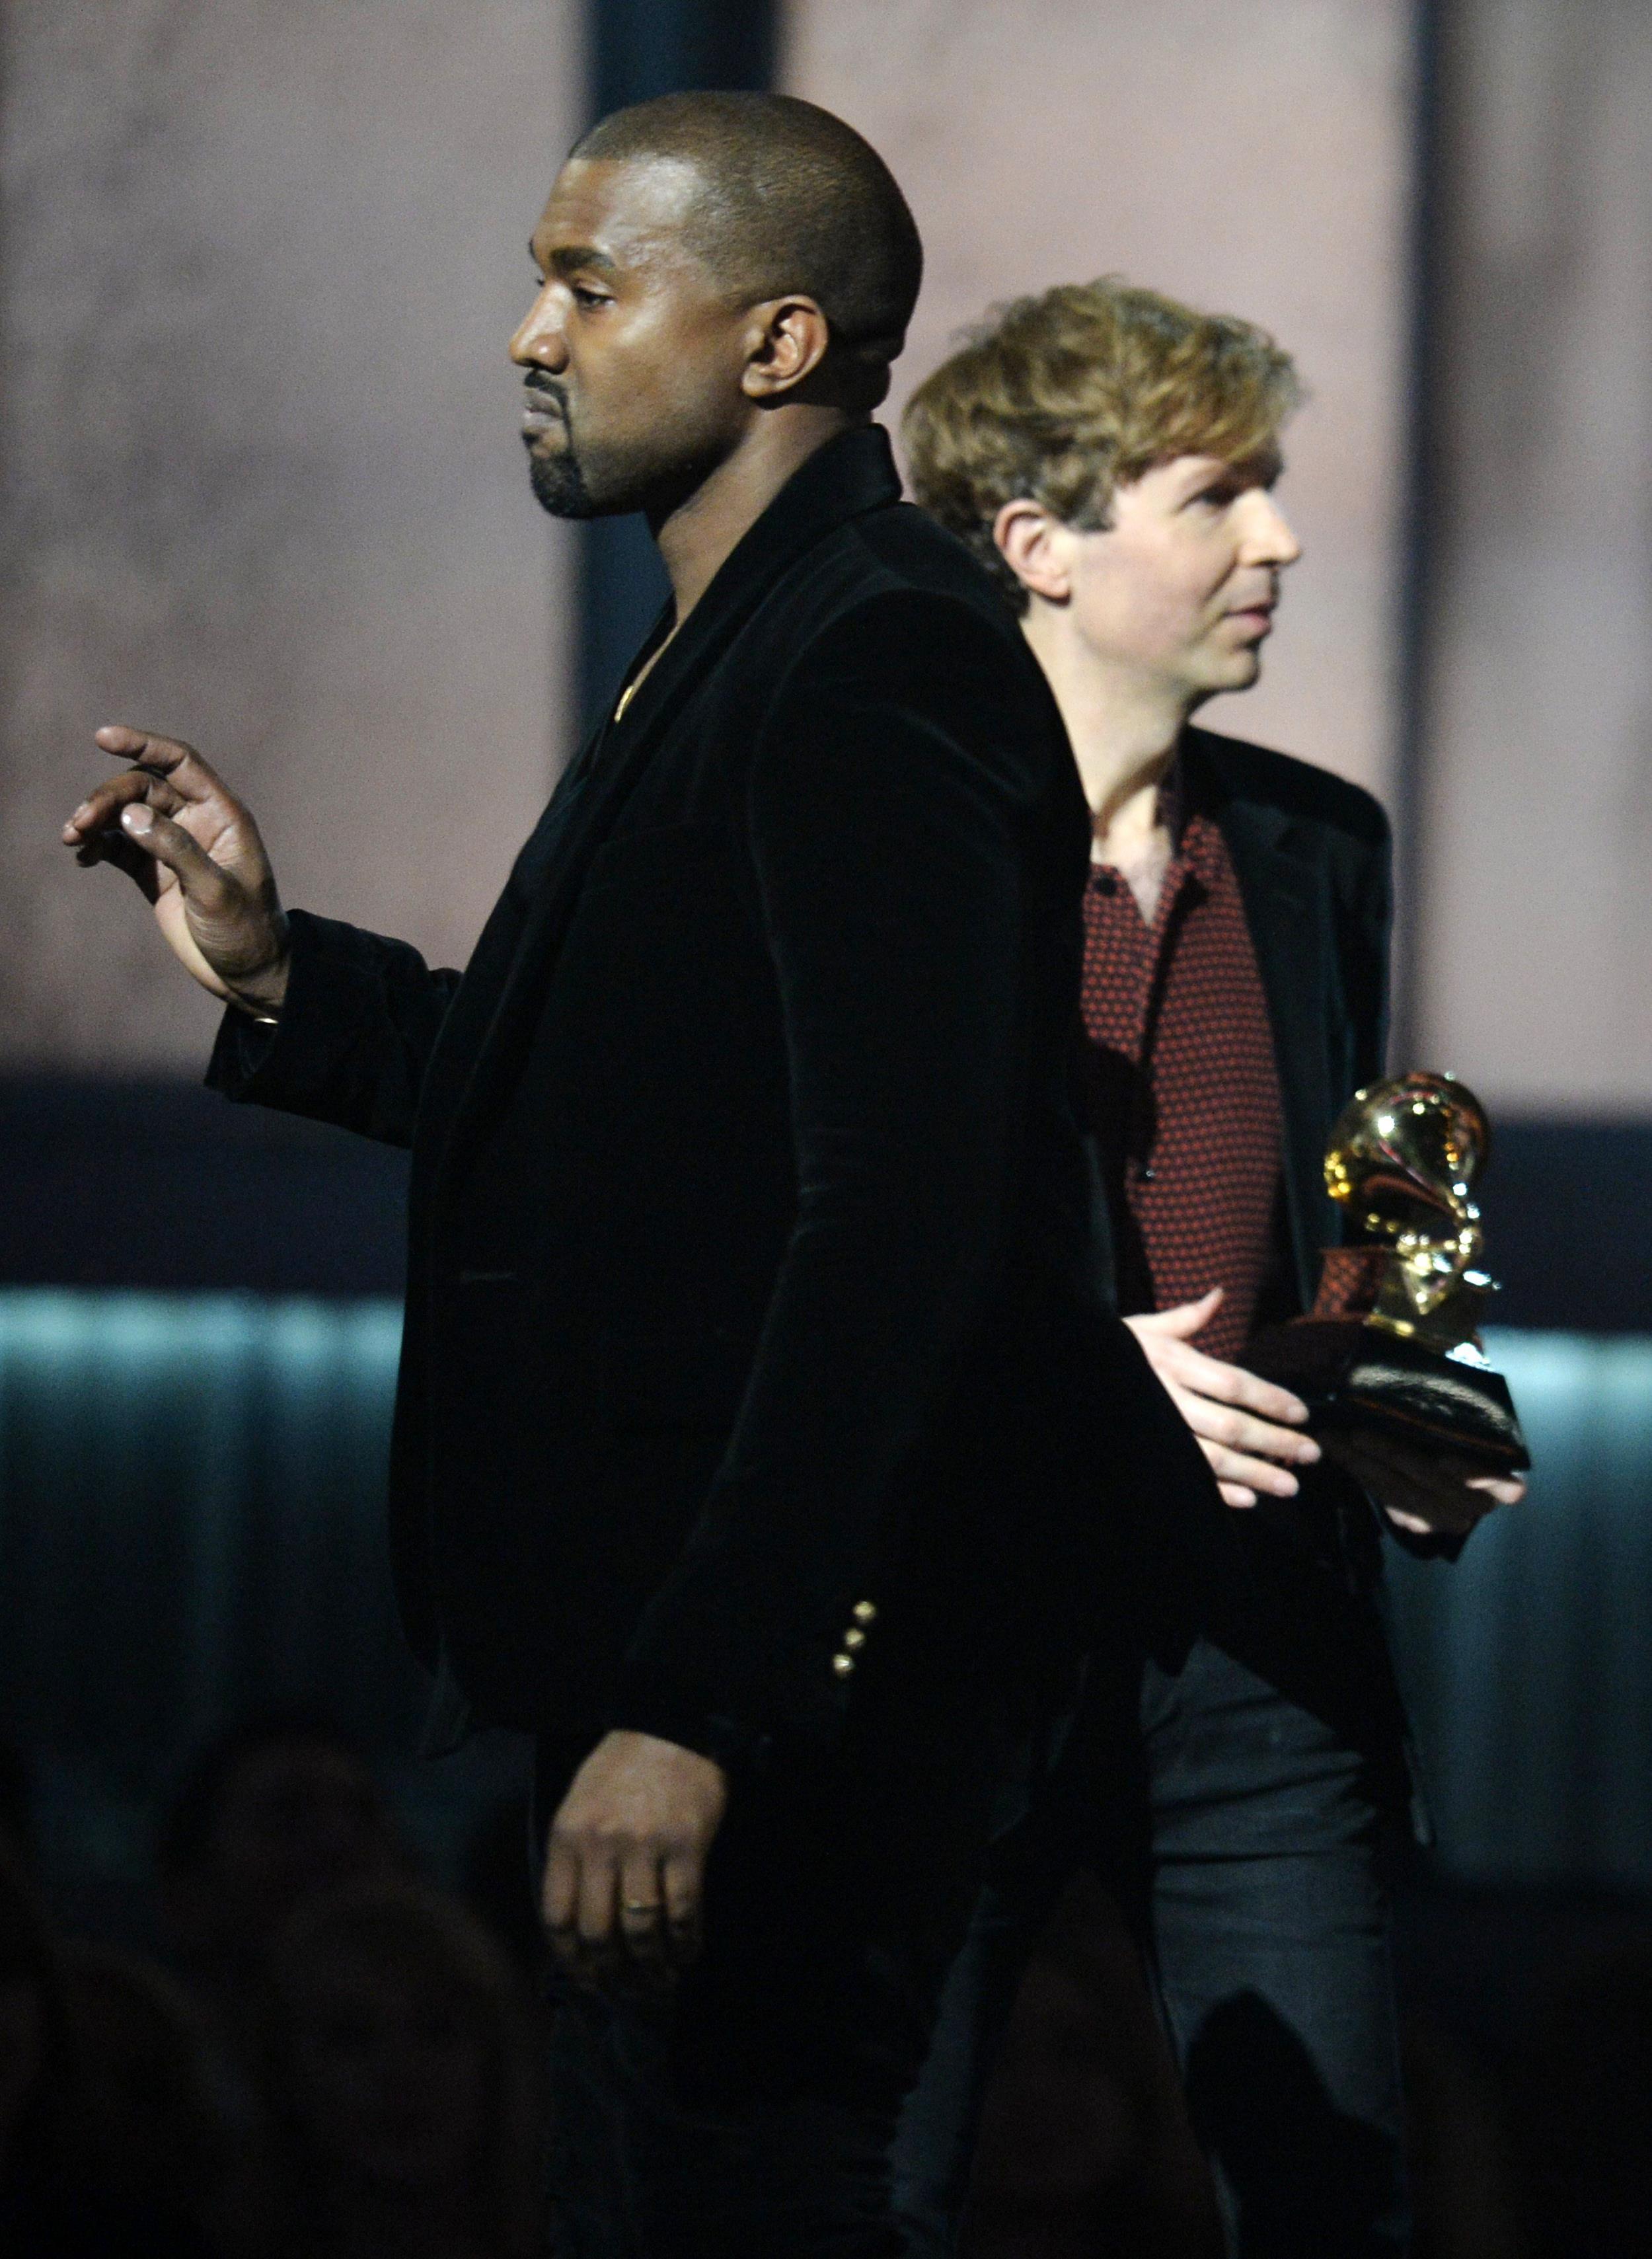 Kanye West & Beck